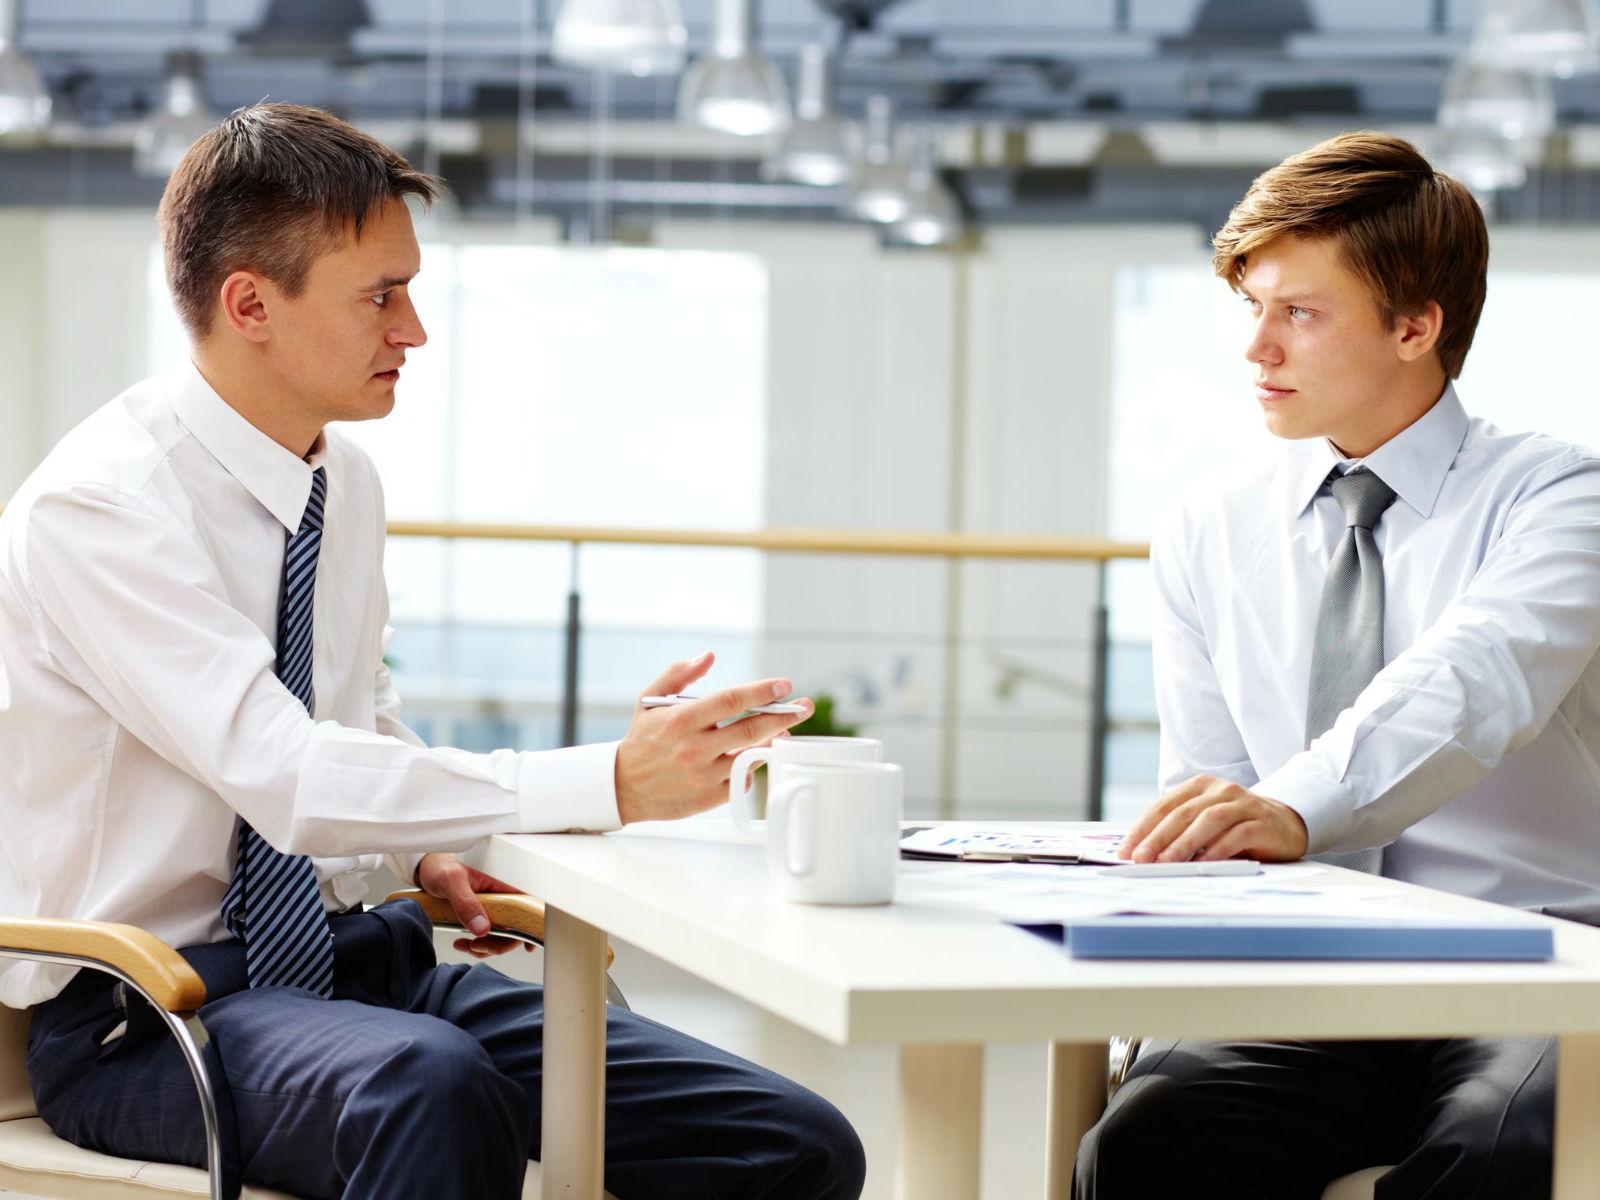 Feedback negativ sau feedback constructiv? Cum gestionează managerii evaluarea angajaţilor